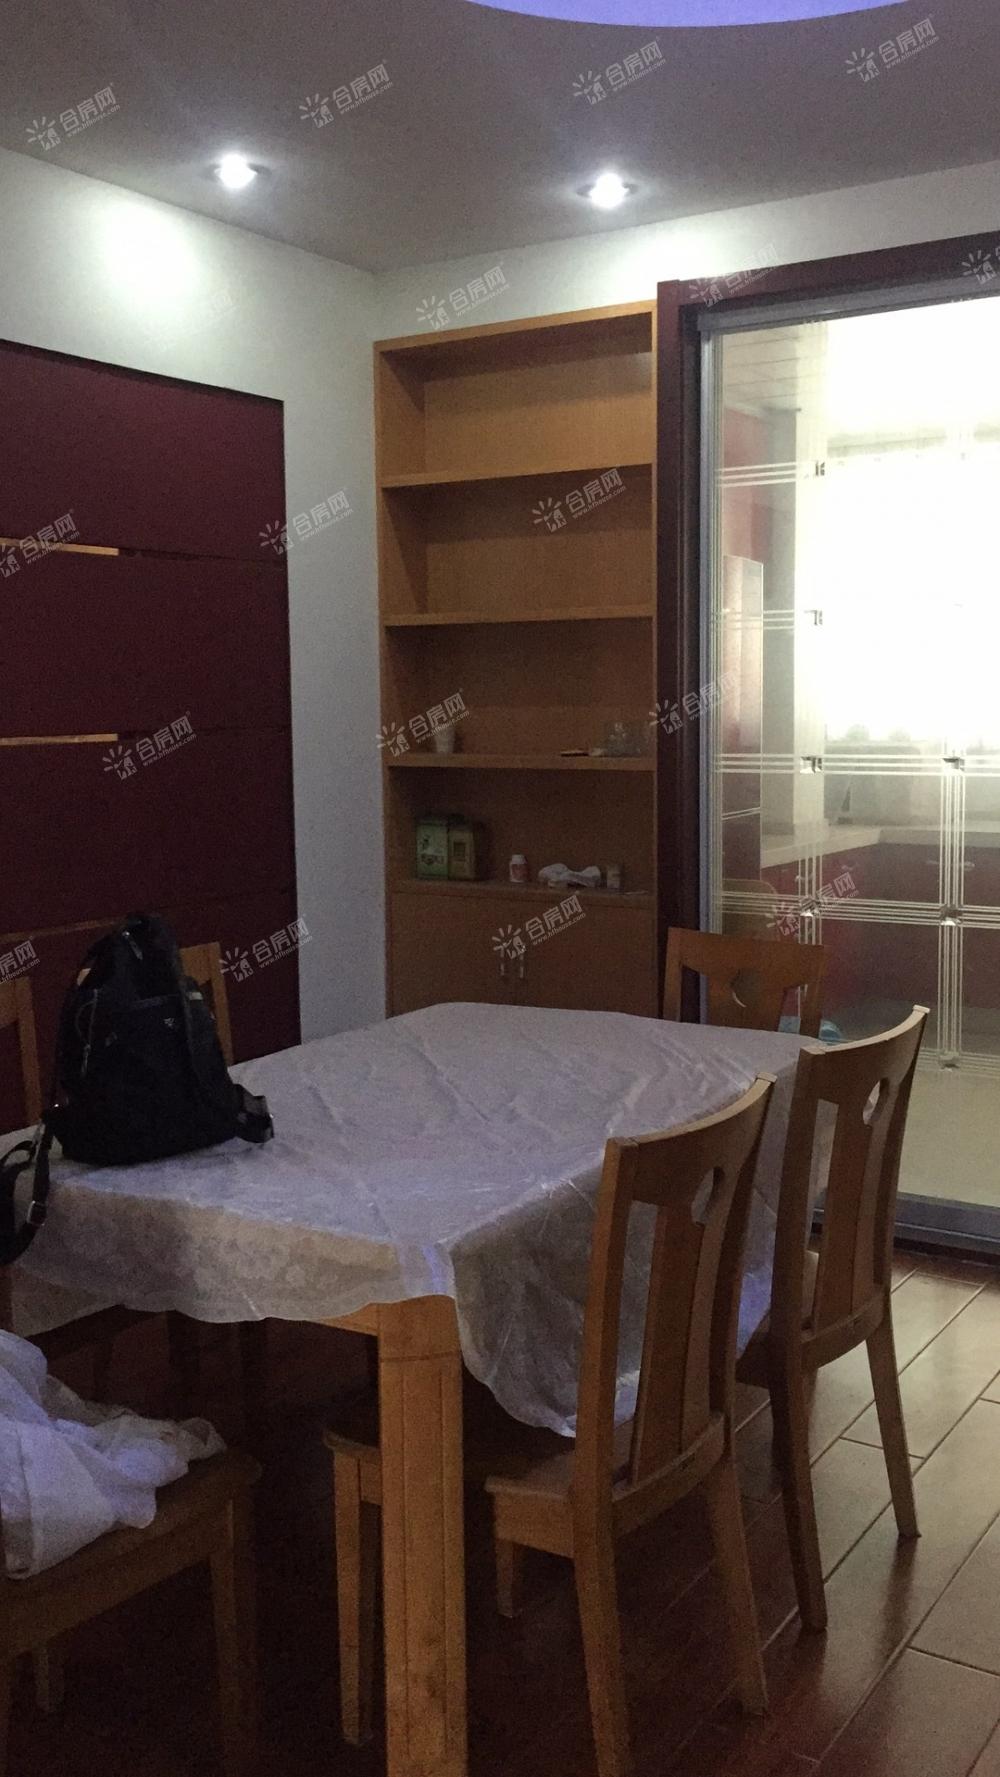 安徽职业技术学院教师公寓